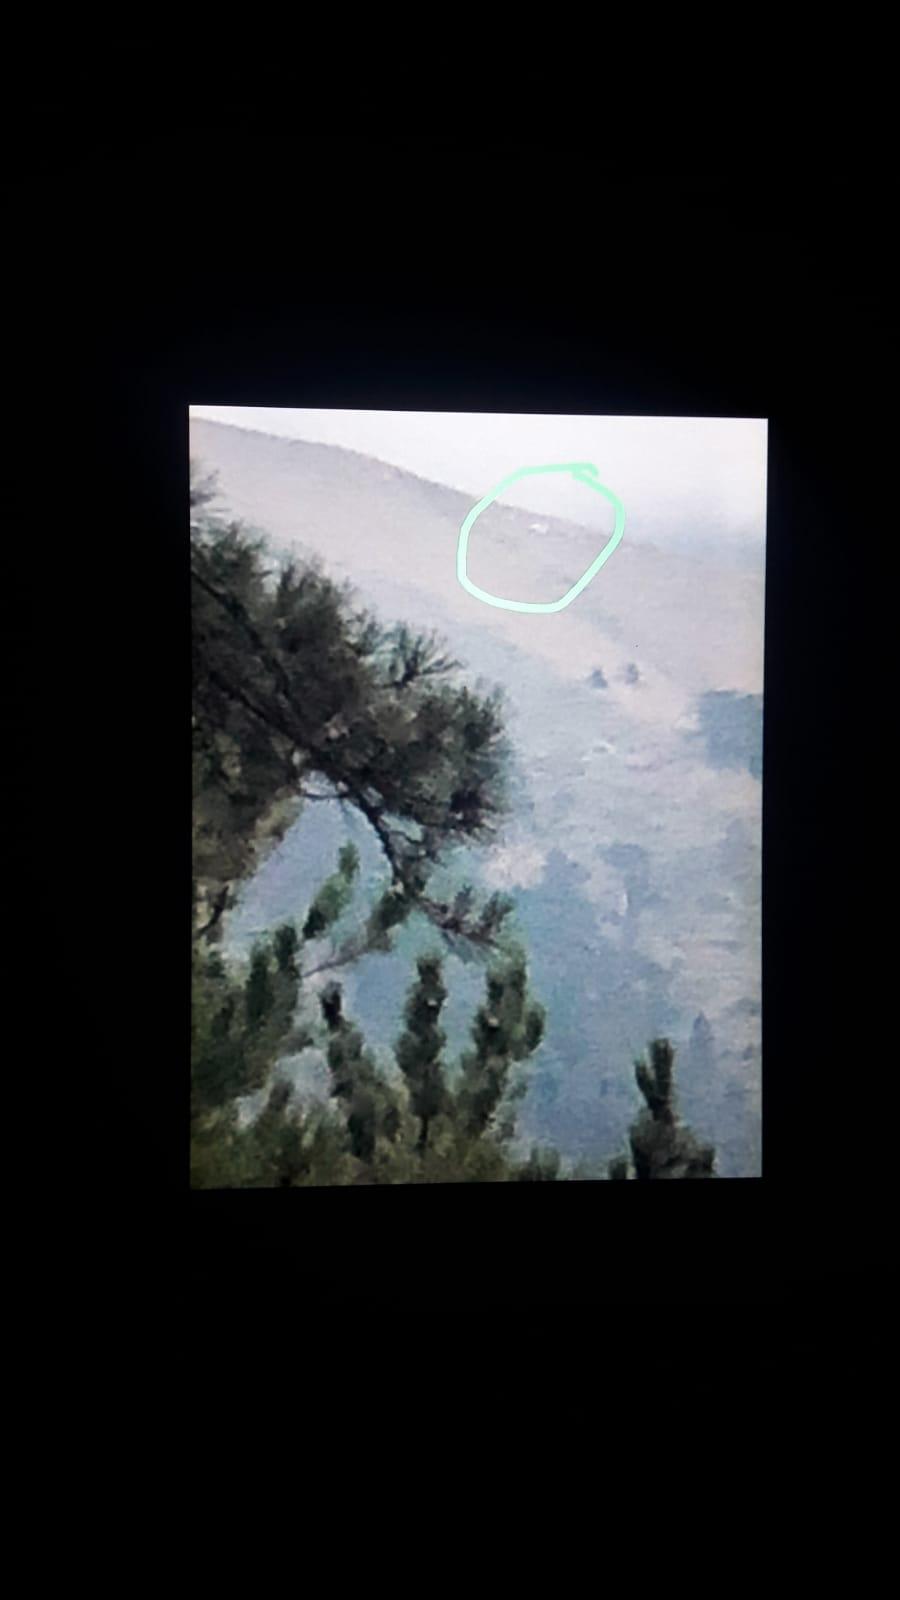 denizlide egitim ucagi dustu pilot ve ogrencisi araniyor 7  9114 dhaphoto2 - GECE GÖRÜŞLÜ HELİKOPTER ÇALIŞMALARA KATILDI